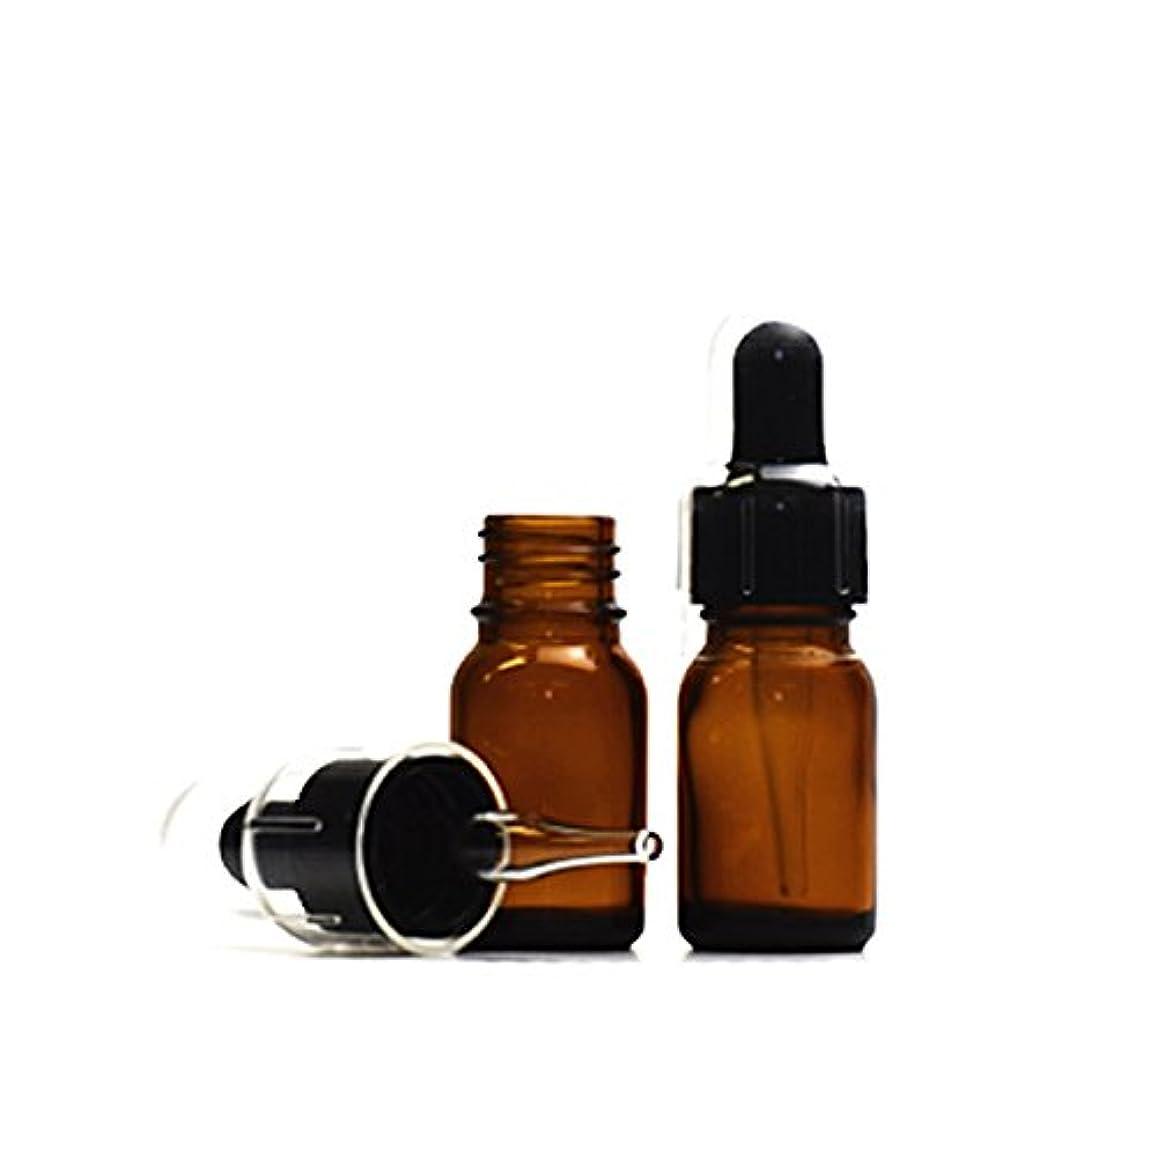 宣教師アーティスト最小化するスポイトキャップ付茶色遮光瓶10ml (2本セット) (黒/ガラススポイトキャップ付/オーバーキャップ付)